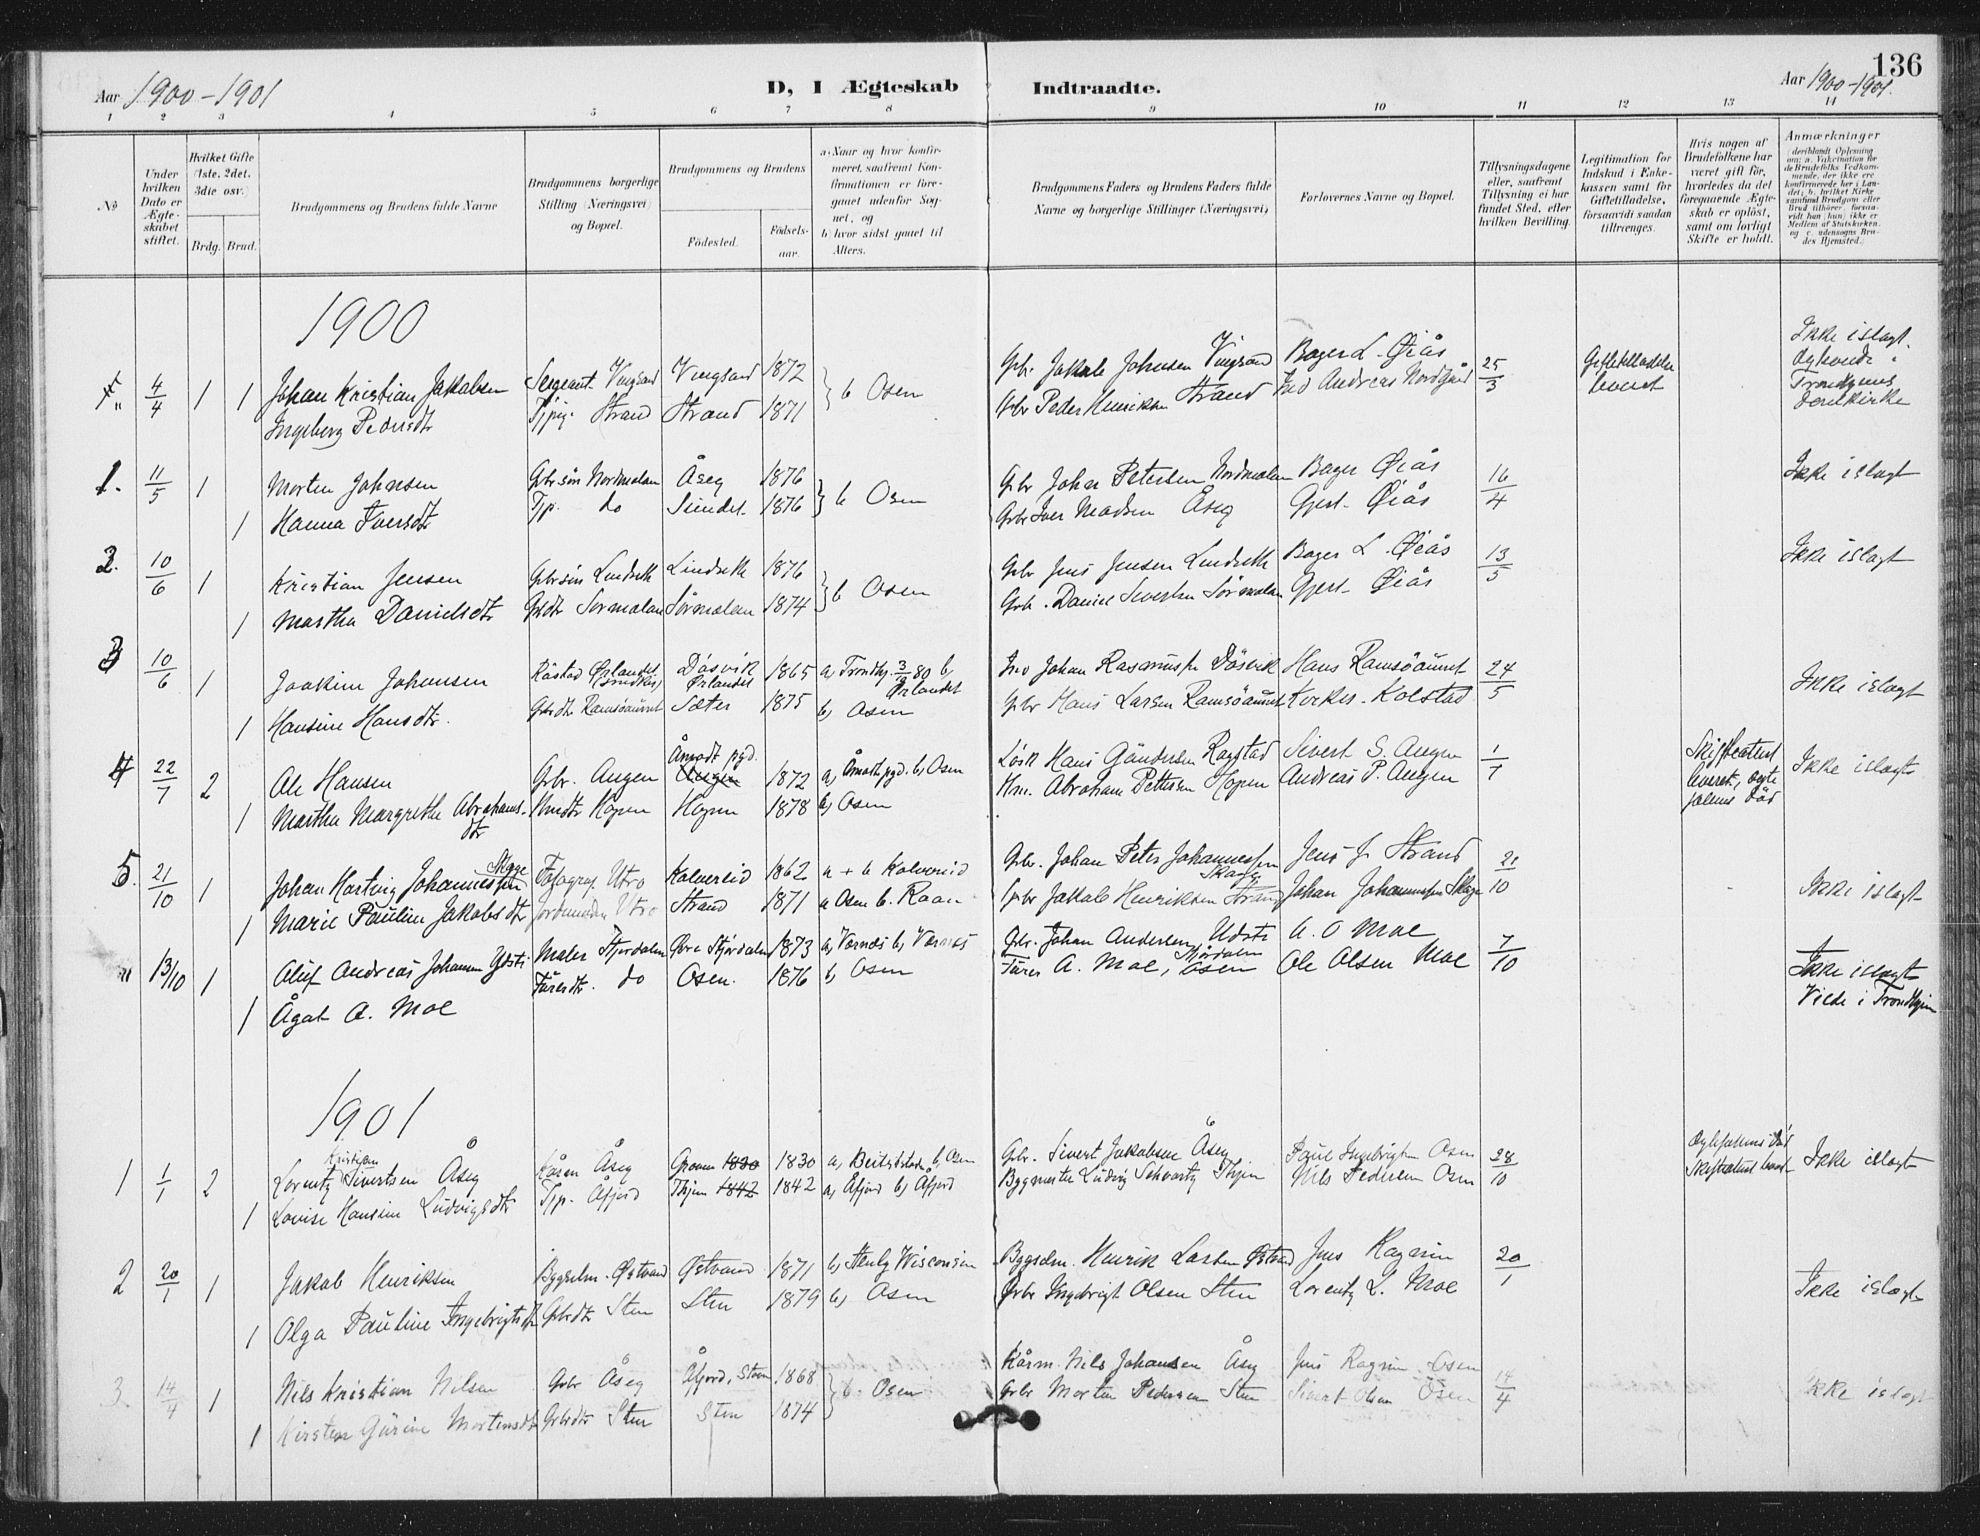 SAT, Ministerialprotokoller, klokkerbøker og fødselsregistre - Sør-Trøndelag, 658/L0723: Ministerialbok nr. 658A02, 1897-1912, s. 136